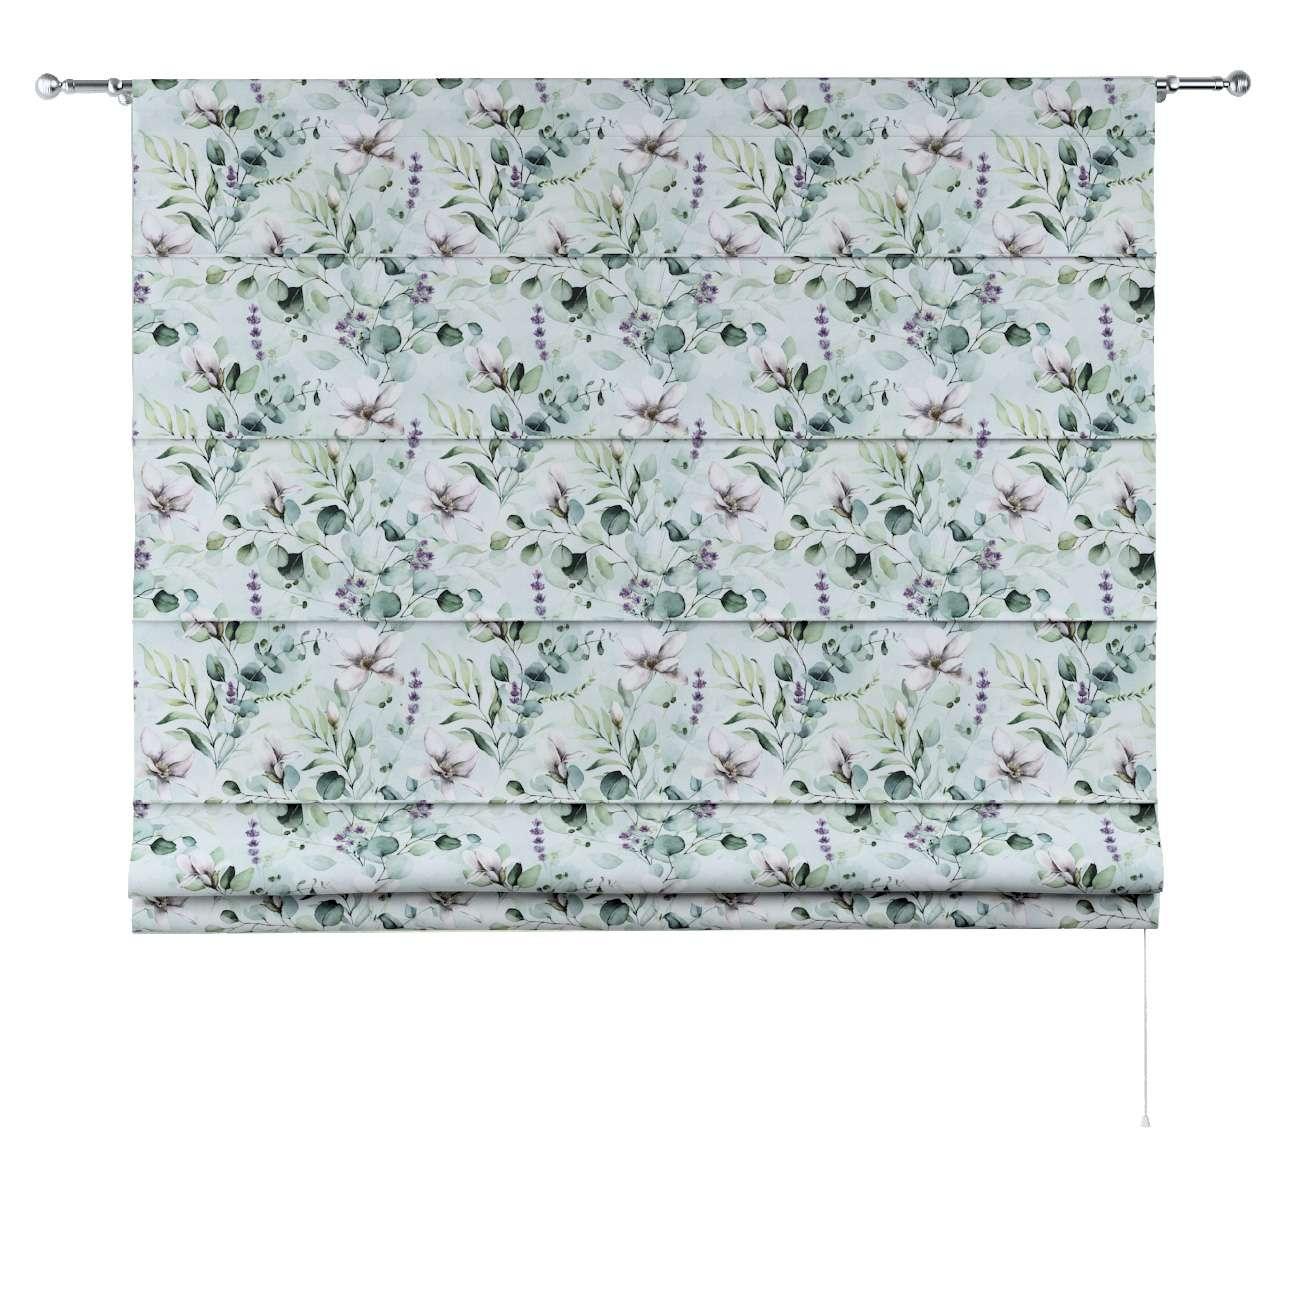 Vouwgordijn Torino van de collectie Flowers, Stof: 143-66